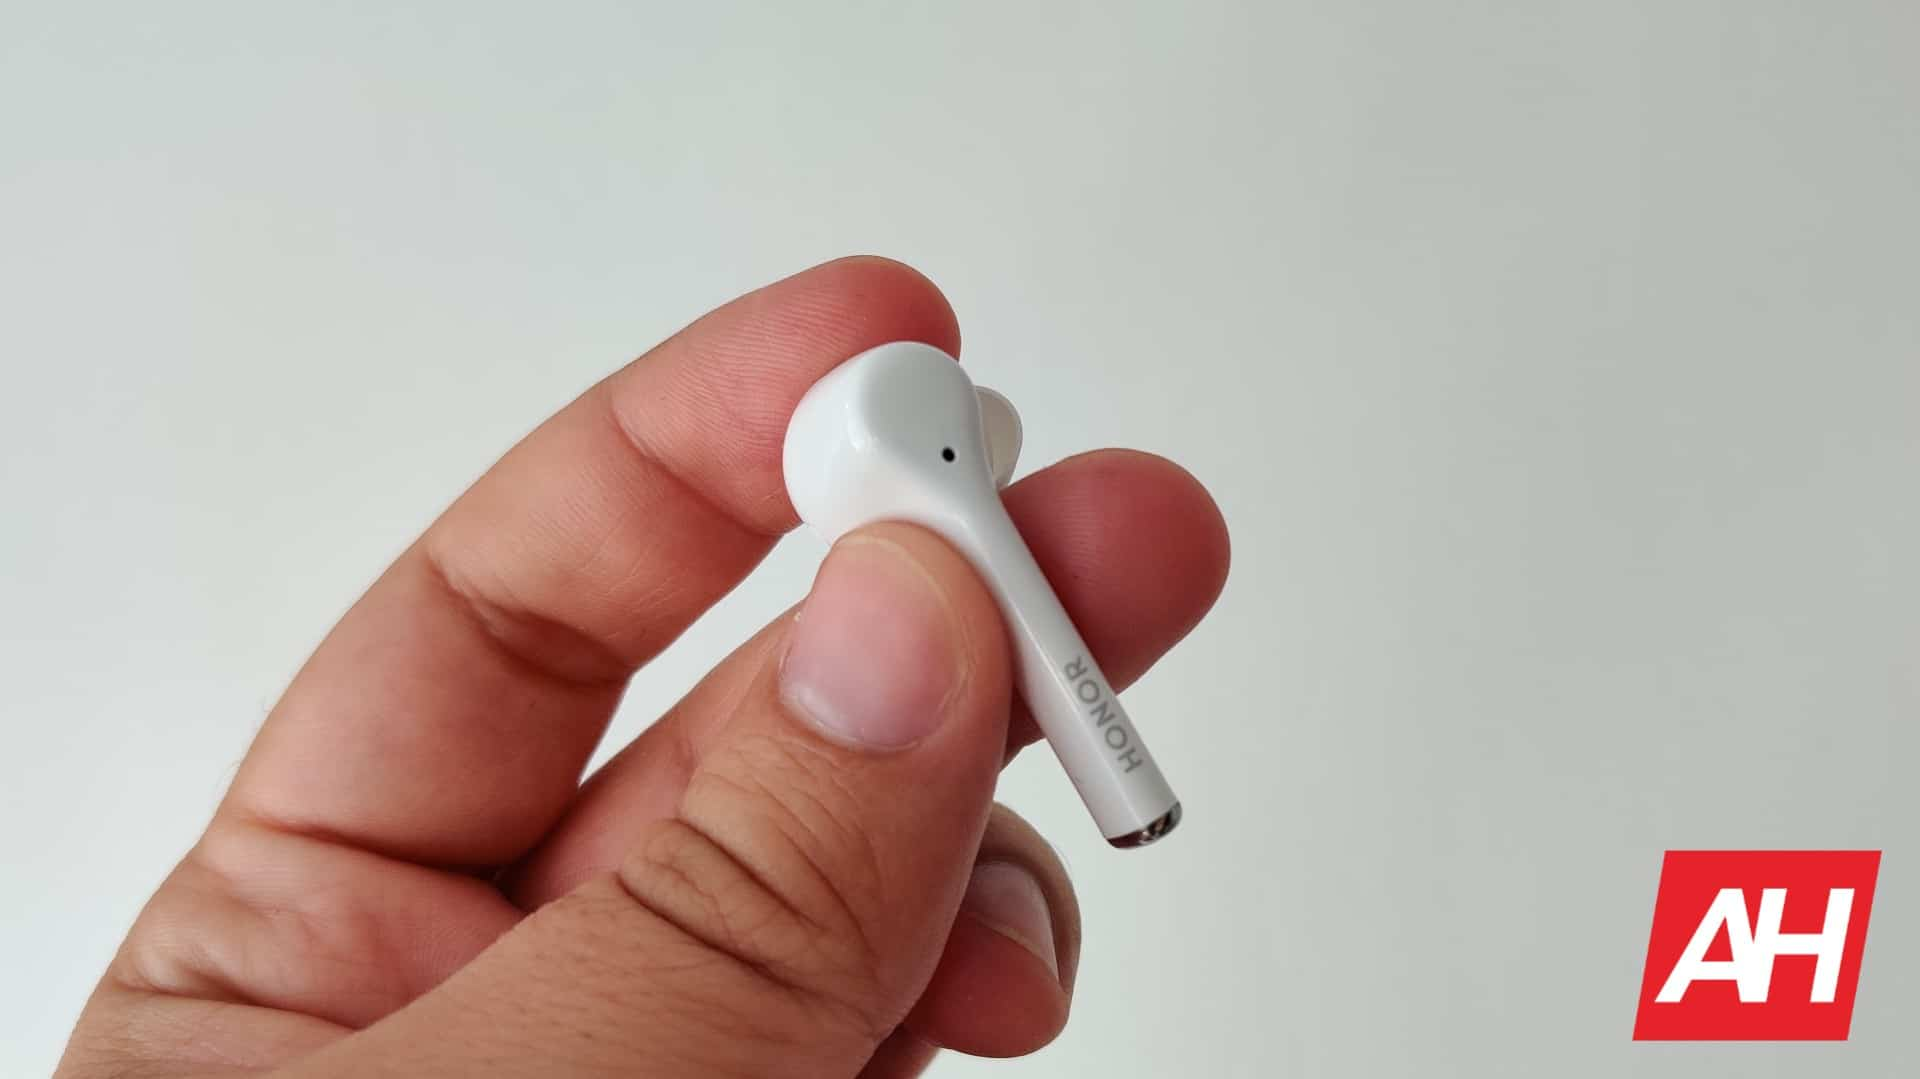 AH HONOR Magic Earbuds image 14